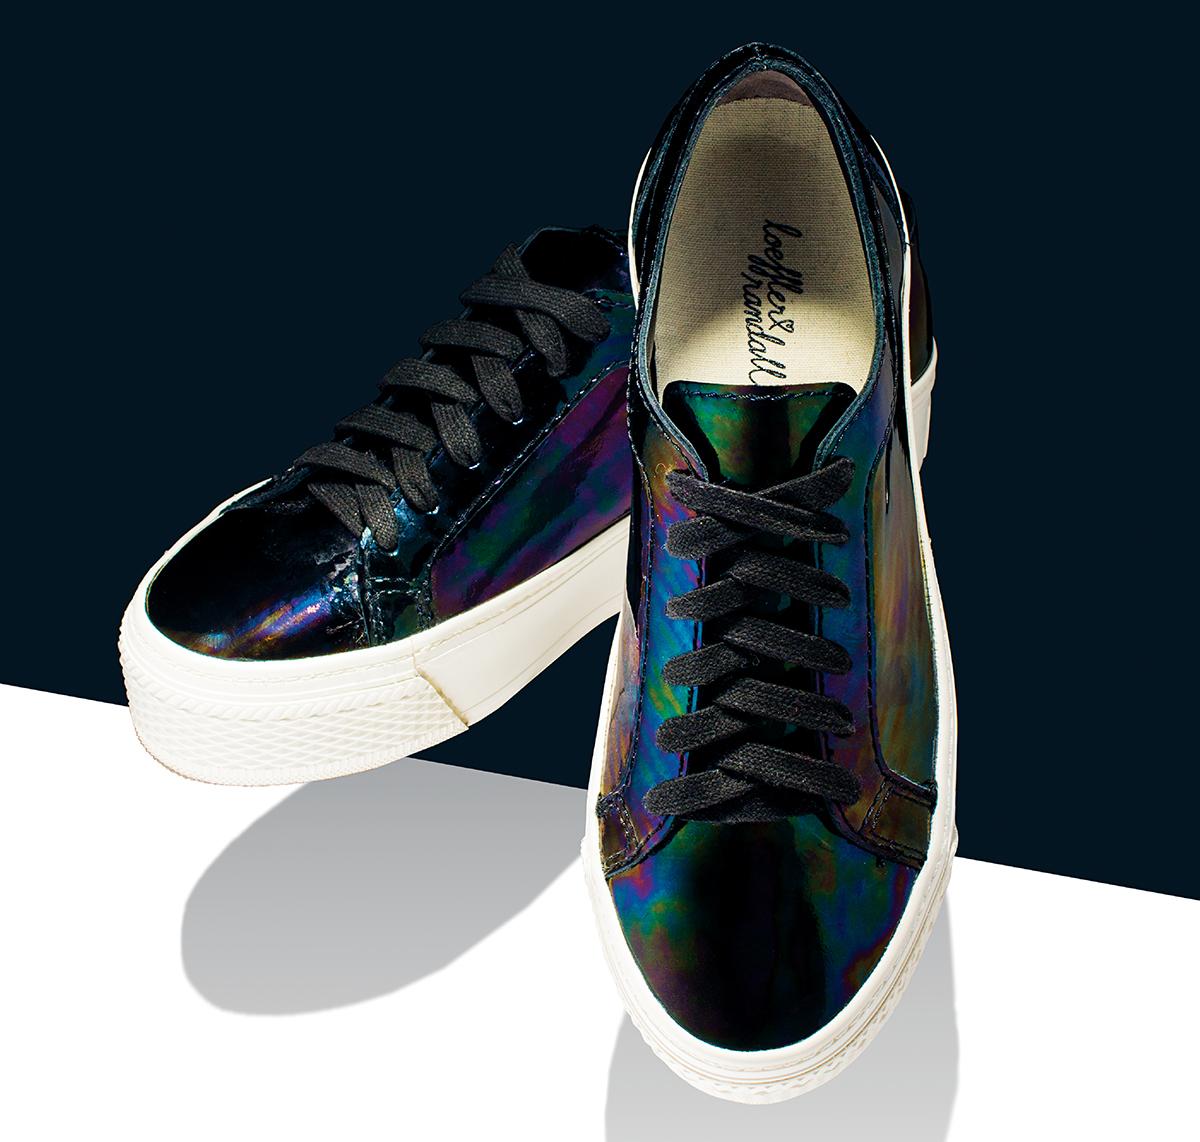 loeffler randall miko sneakers